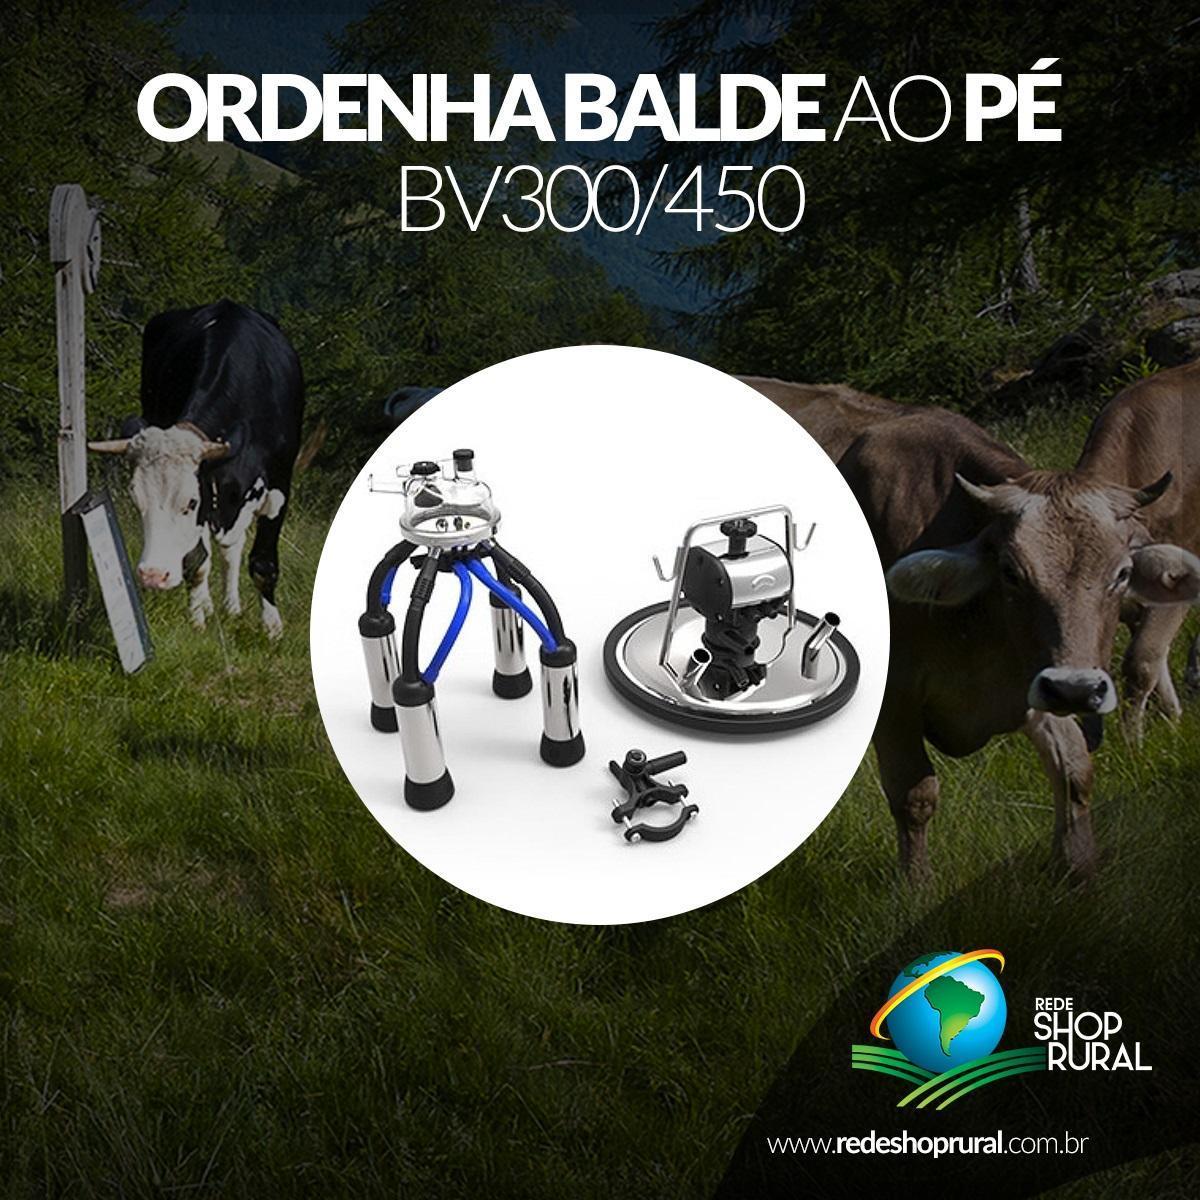 Ordenha Balde Ao Pé Bv300/450